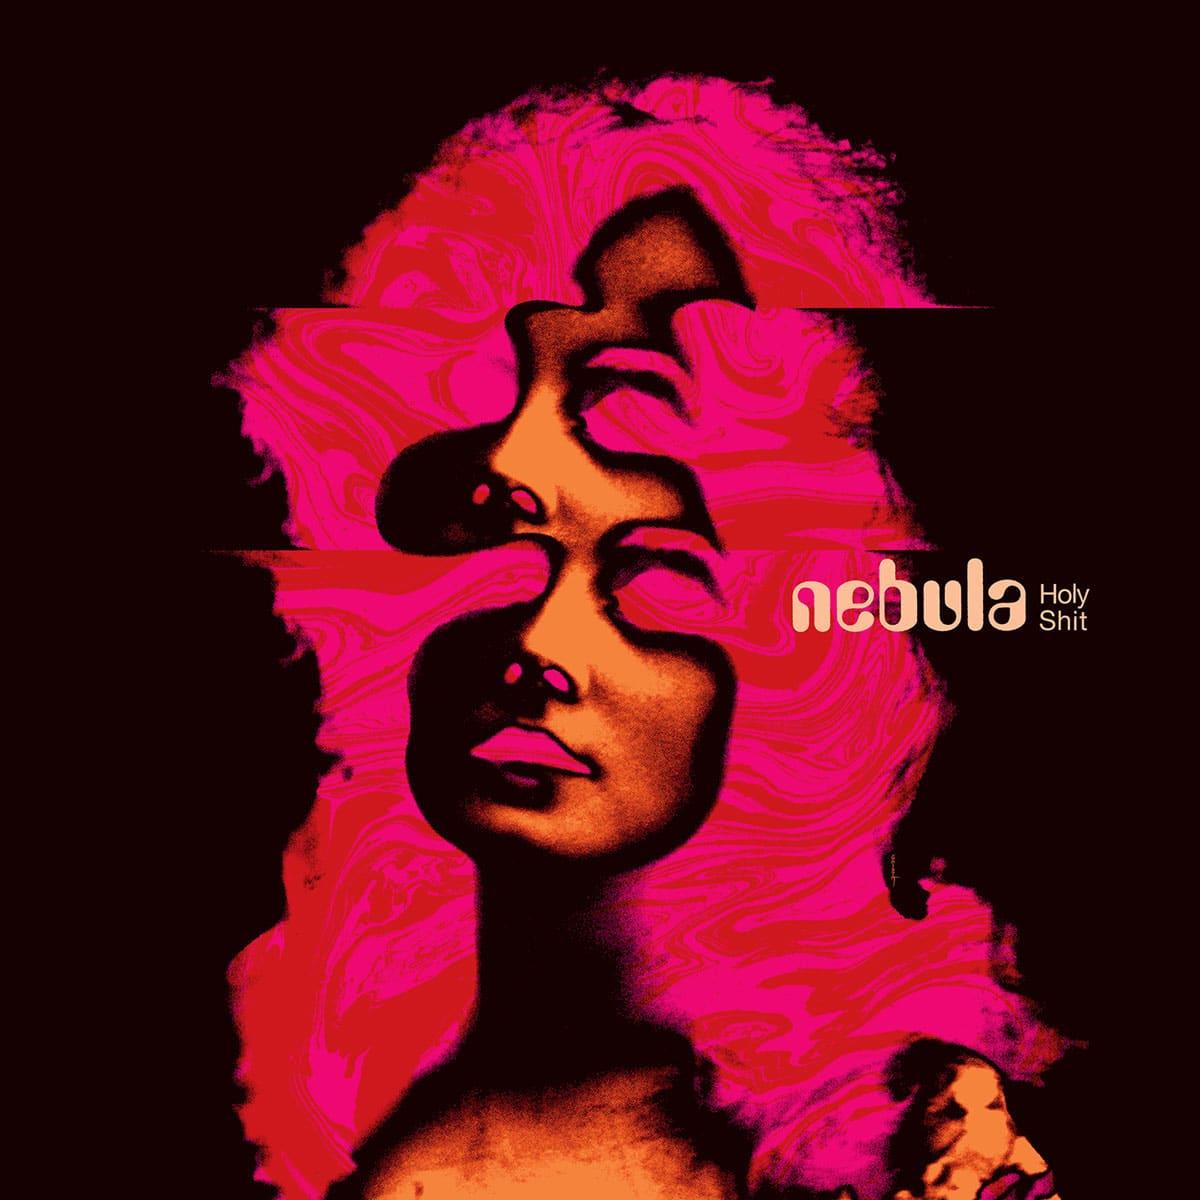 Nebula-HolyShit